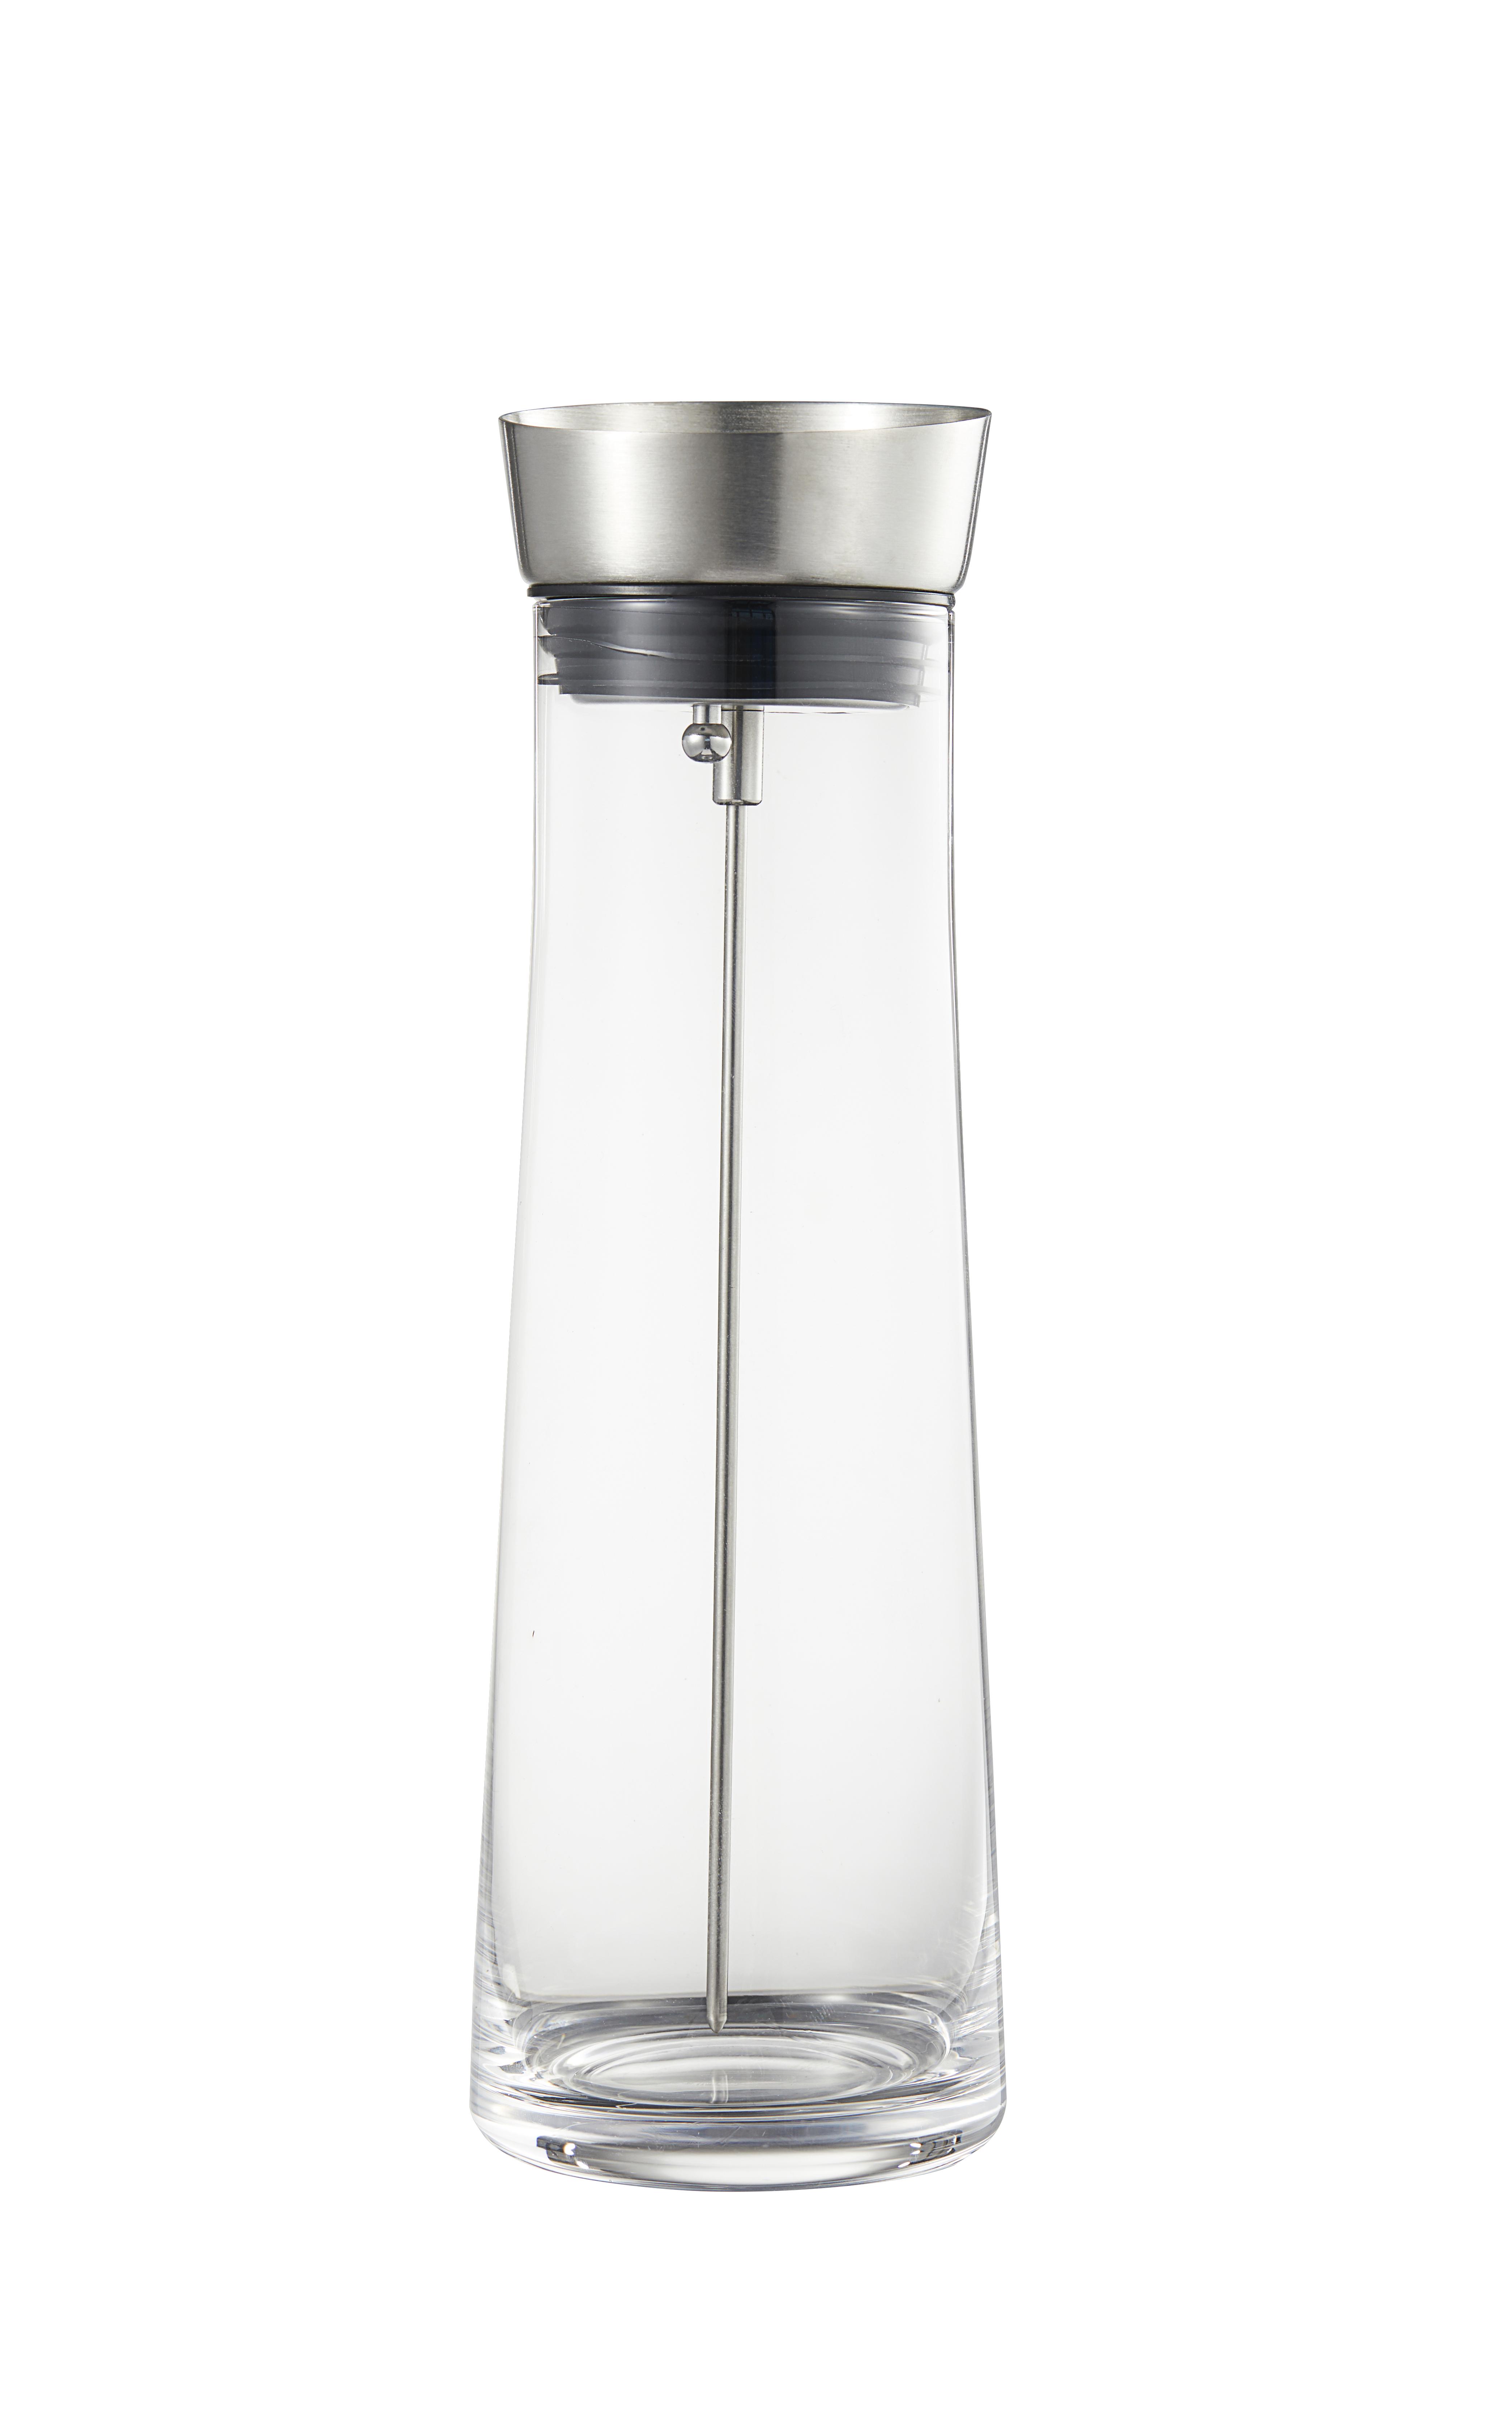 Kait Karaff glas lock rostfritt stål silikon 09l höjd 28 dia 94cm